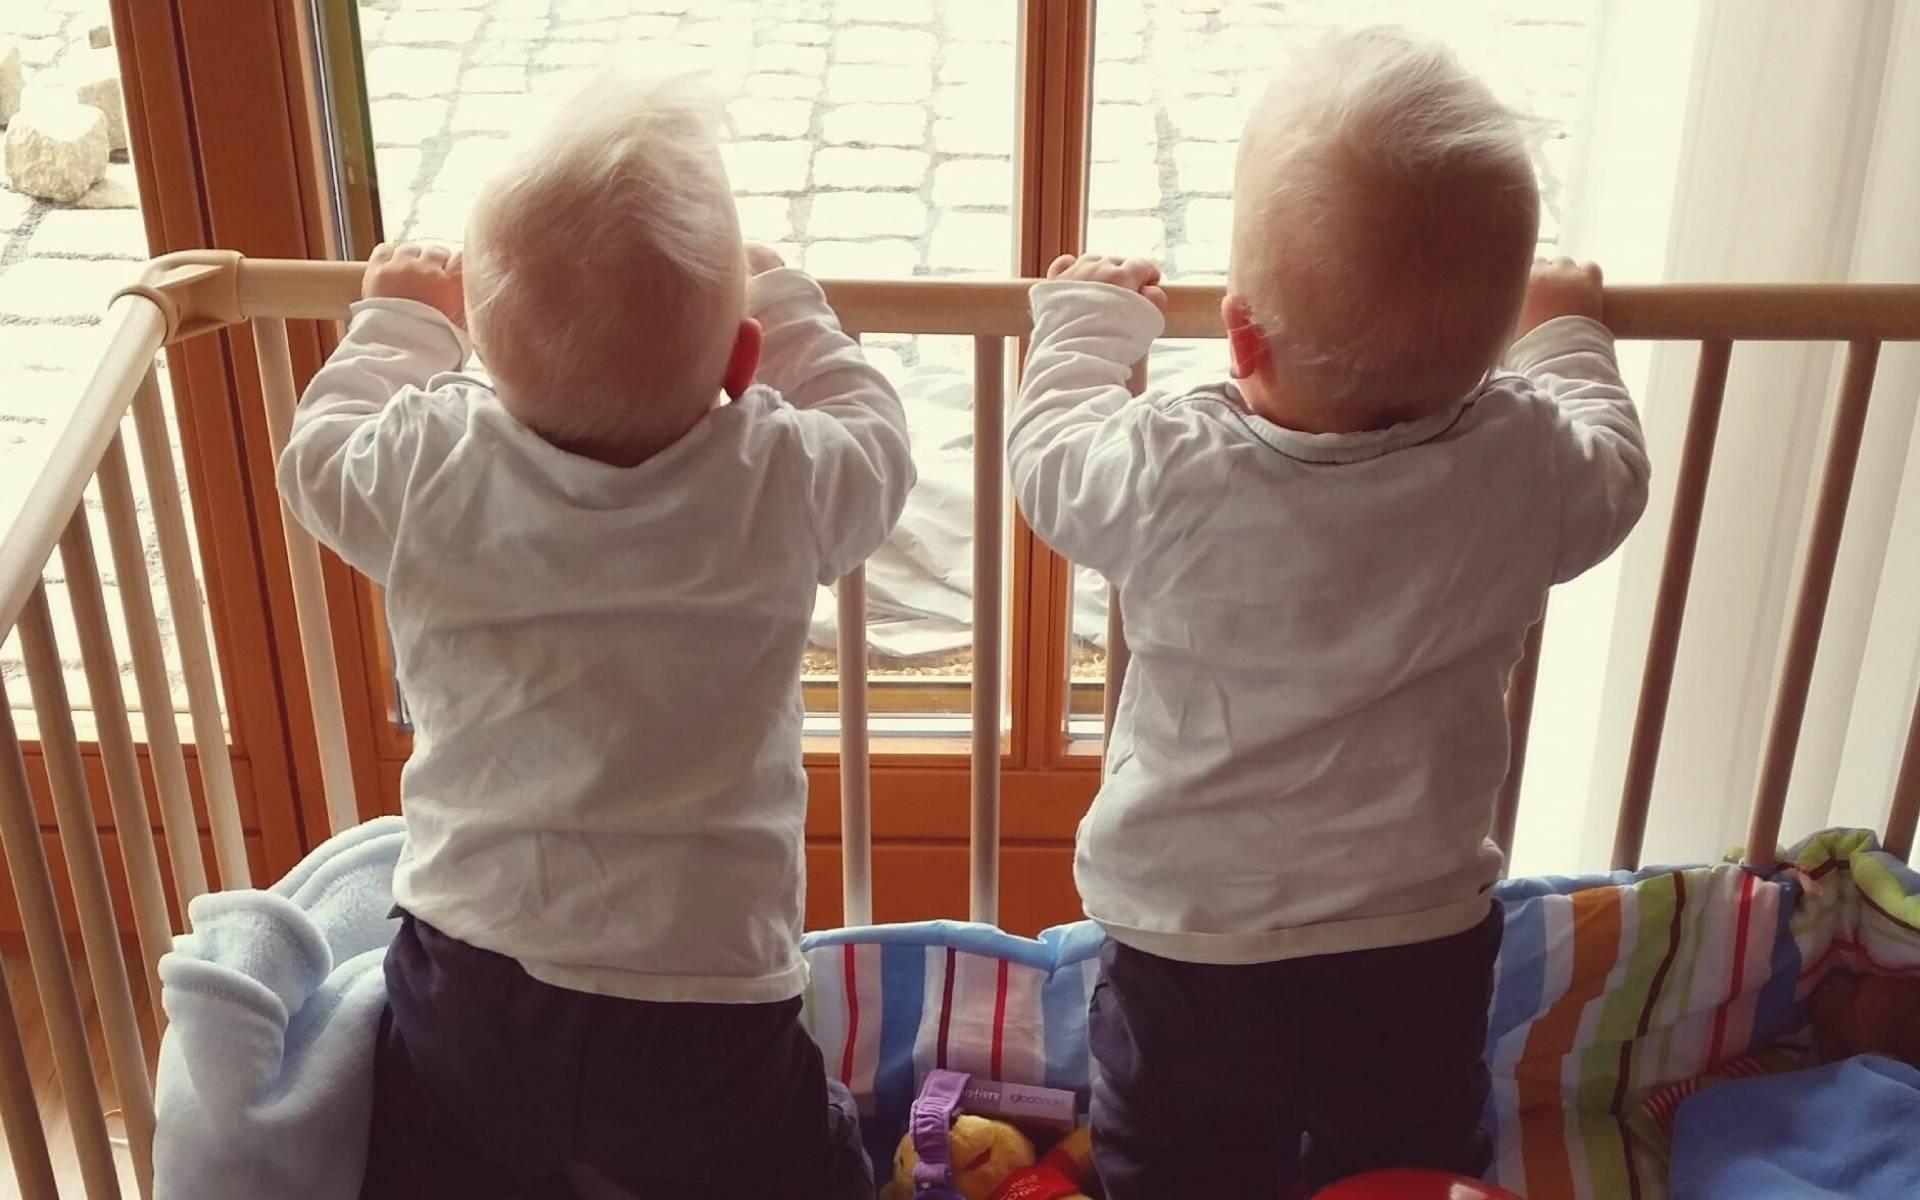 Vor einem Jahr stand das Leben der Zwillinge Nick und Leon auf der Kippe. Dass es ihnen heute gut geht, verdanken sie auch der schnellen Hilfe durch die DRF Luftrettung.